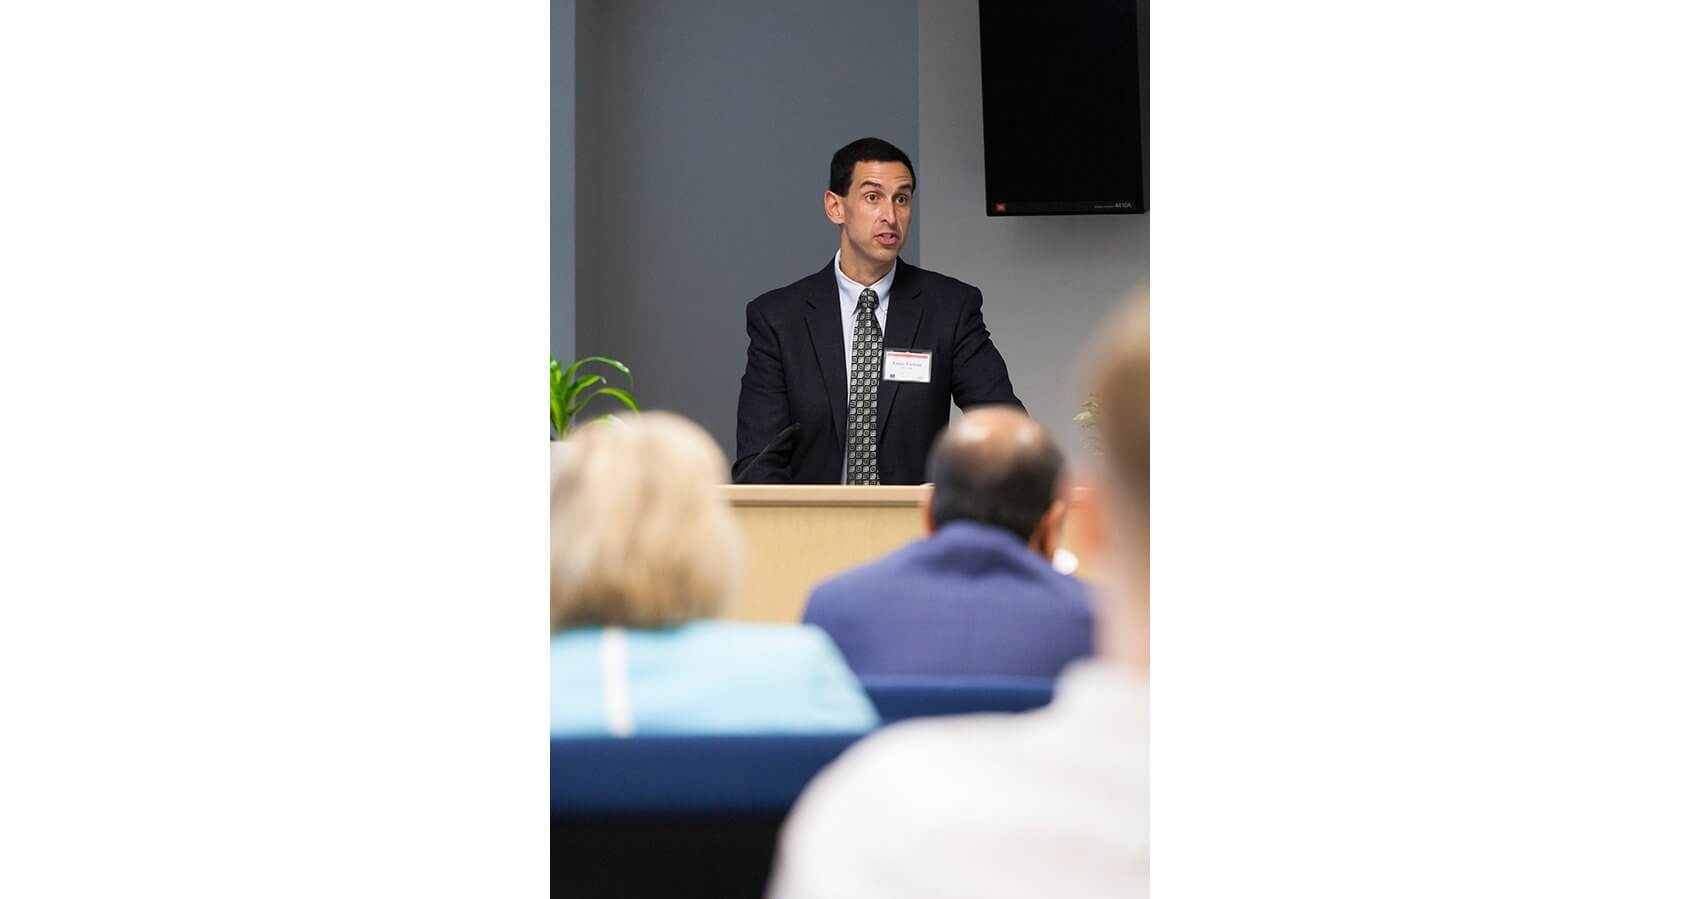 Dr. Jason Yustein, director of the Faris D. Virani Ewing Sarcoma Center at Texas Children's Cancer Center